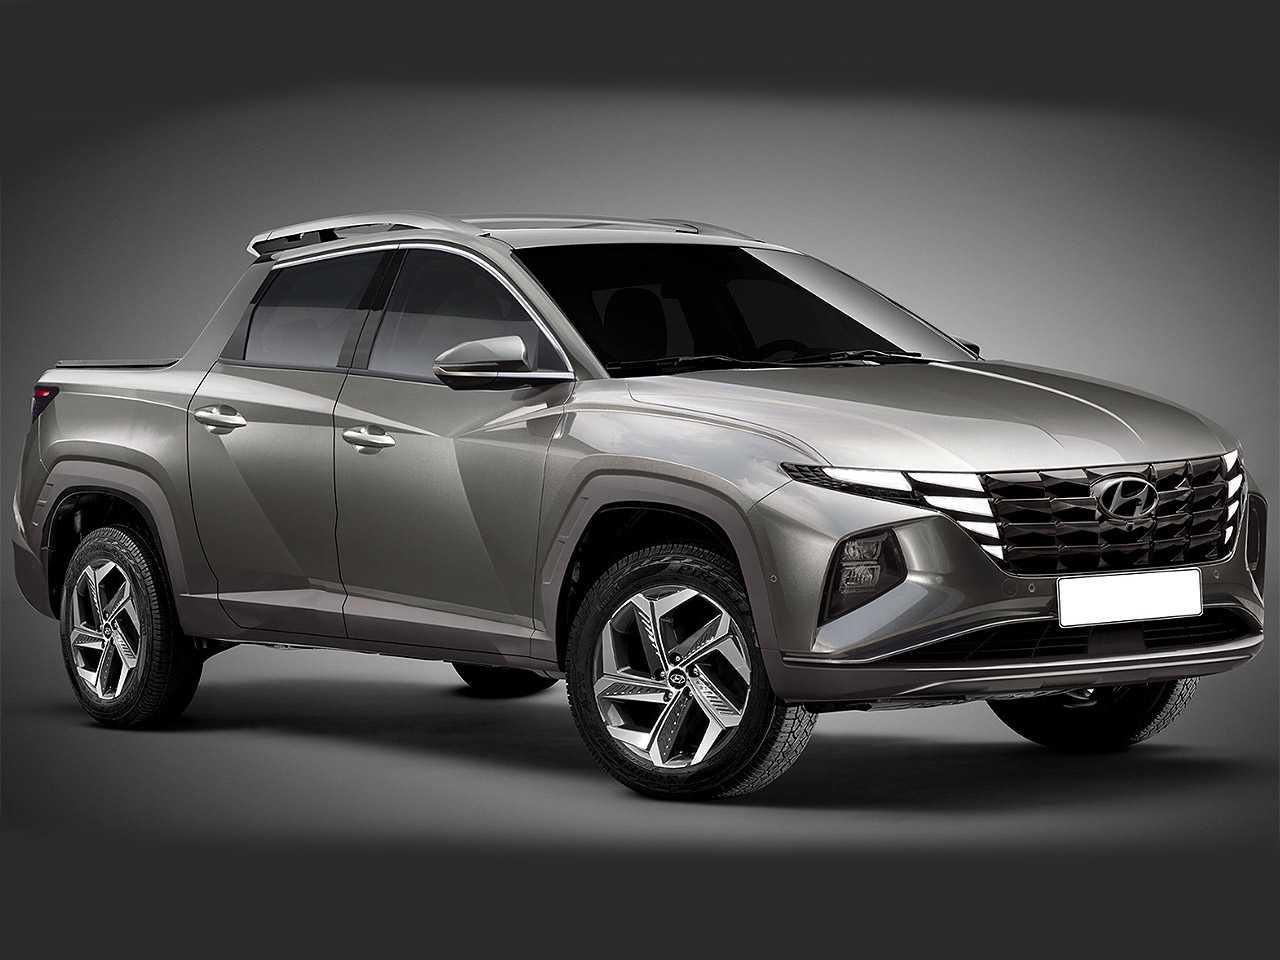 Projeção de Kleber Silva para uma picape inédita derivada do novo Hyundai Tucson